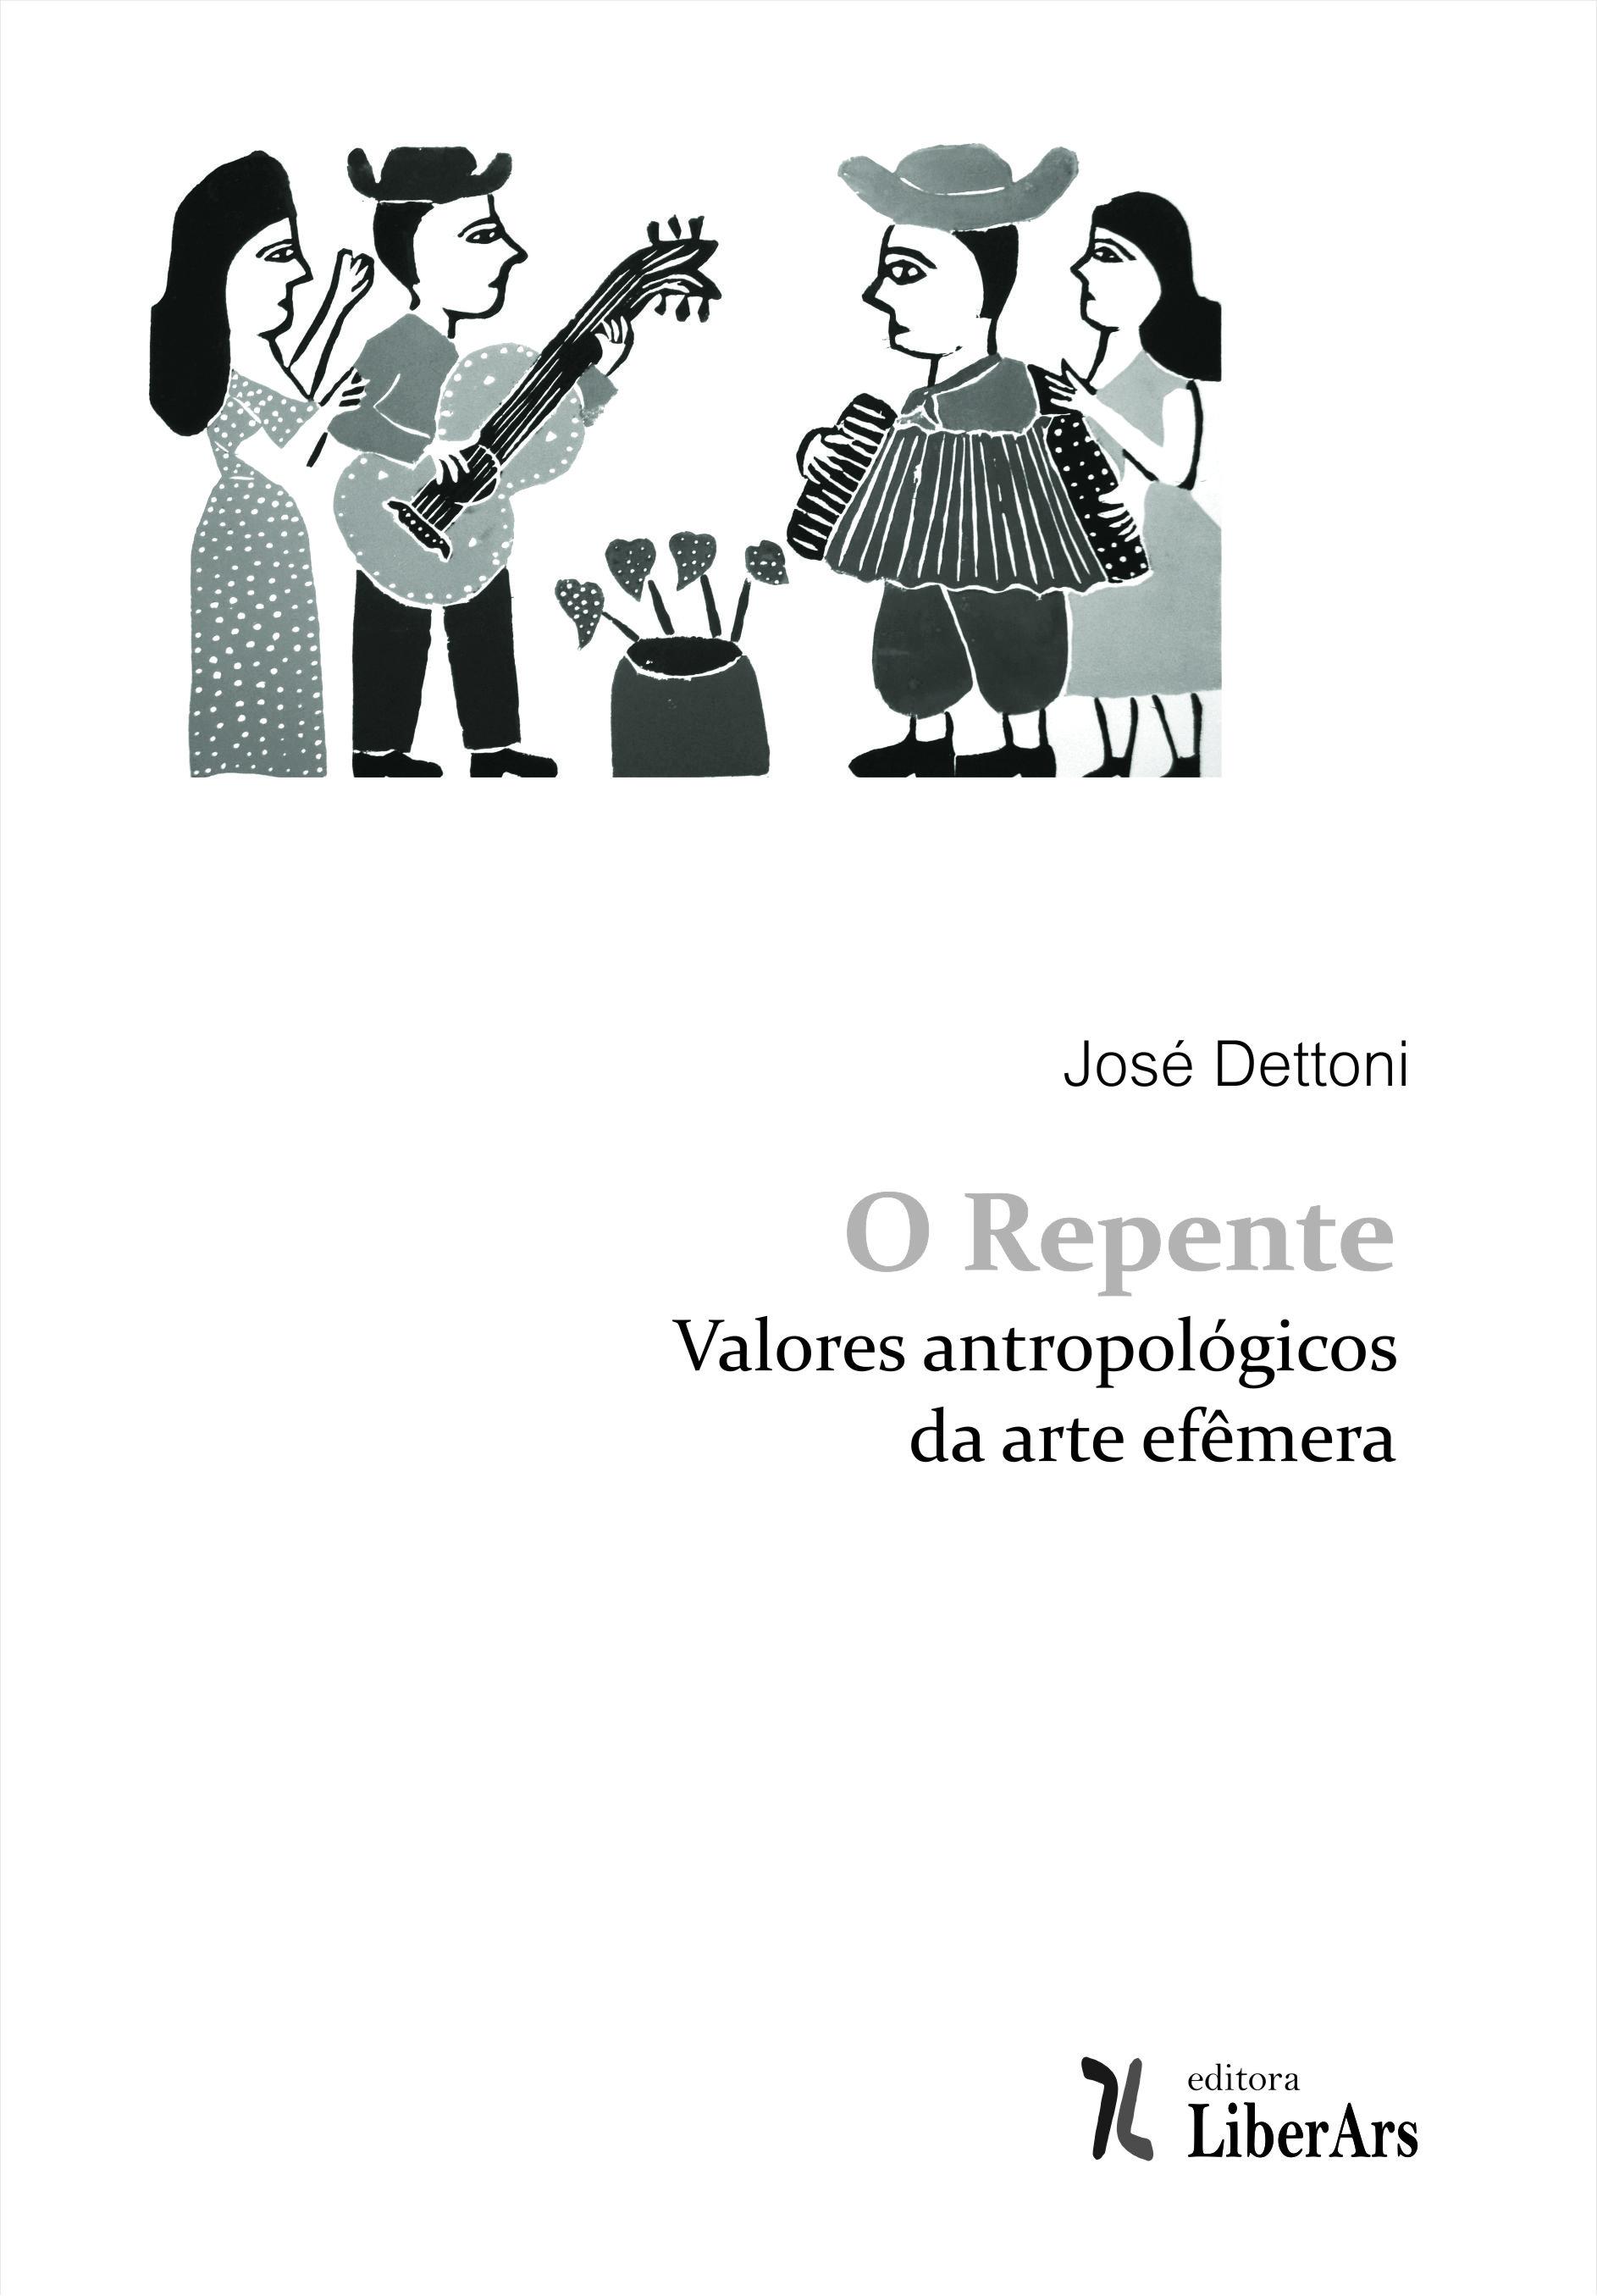 O Repente: valores antropológicos da arte efêmera, livro de José Dettoni